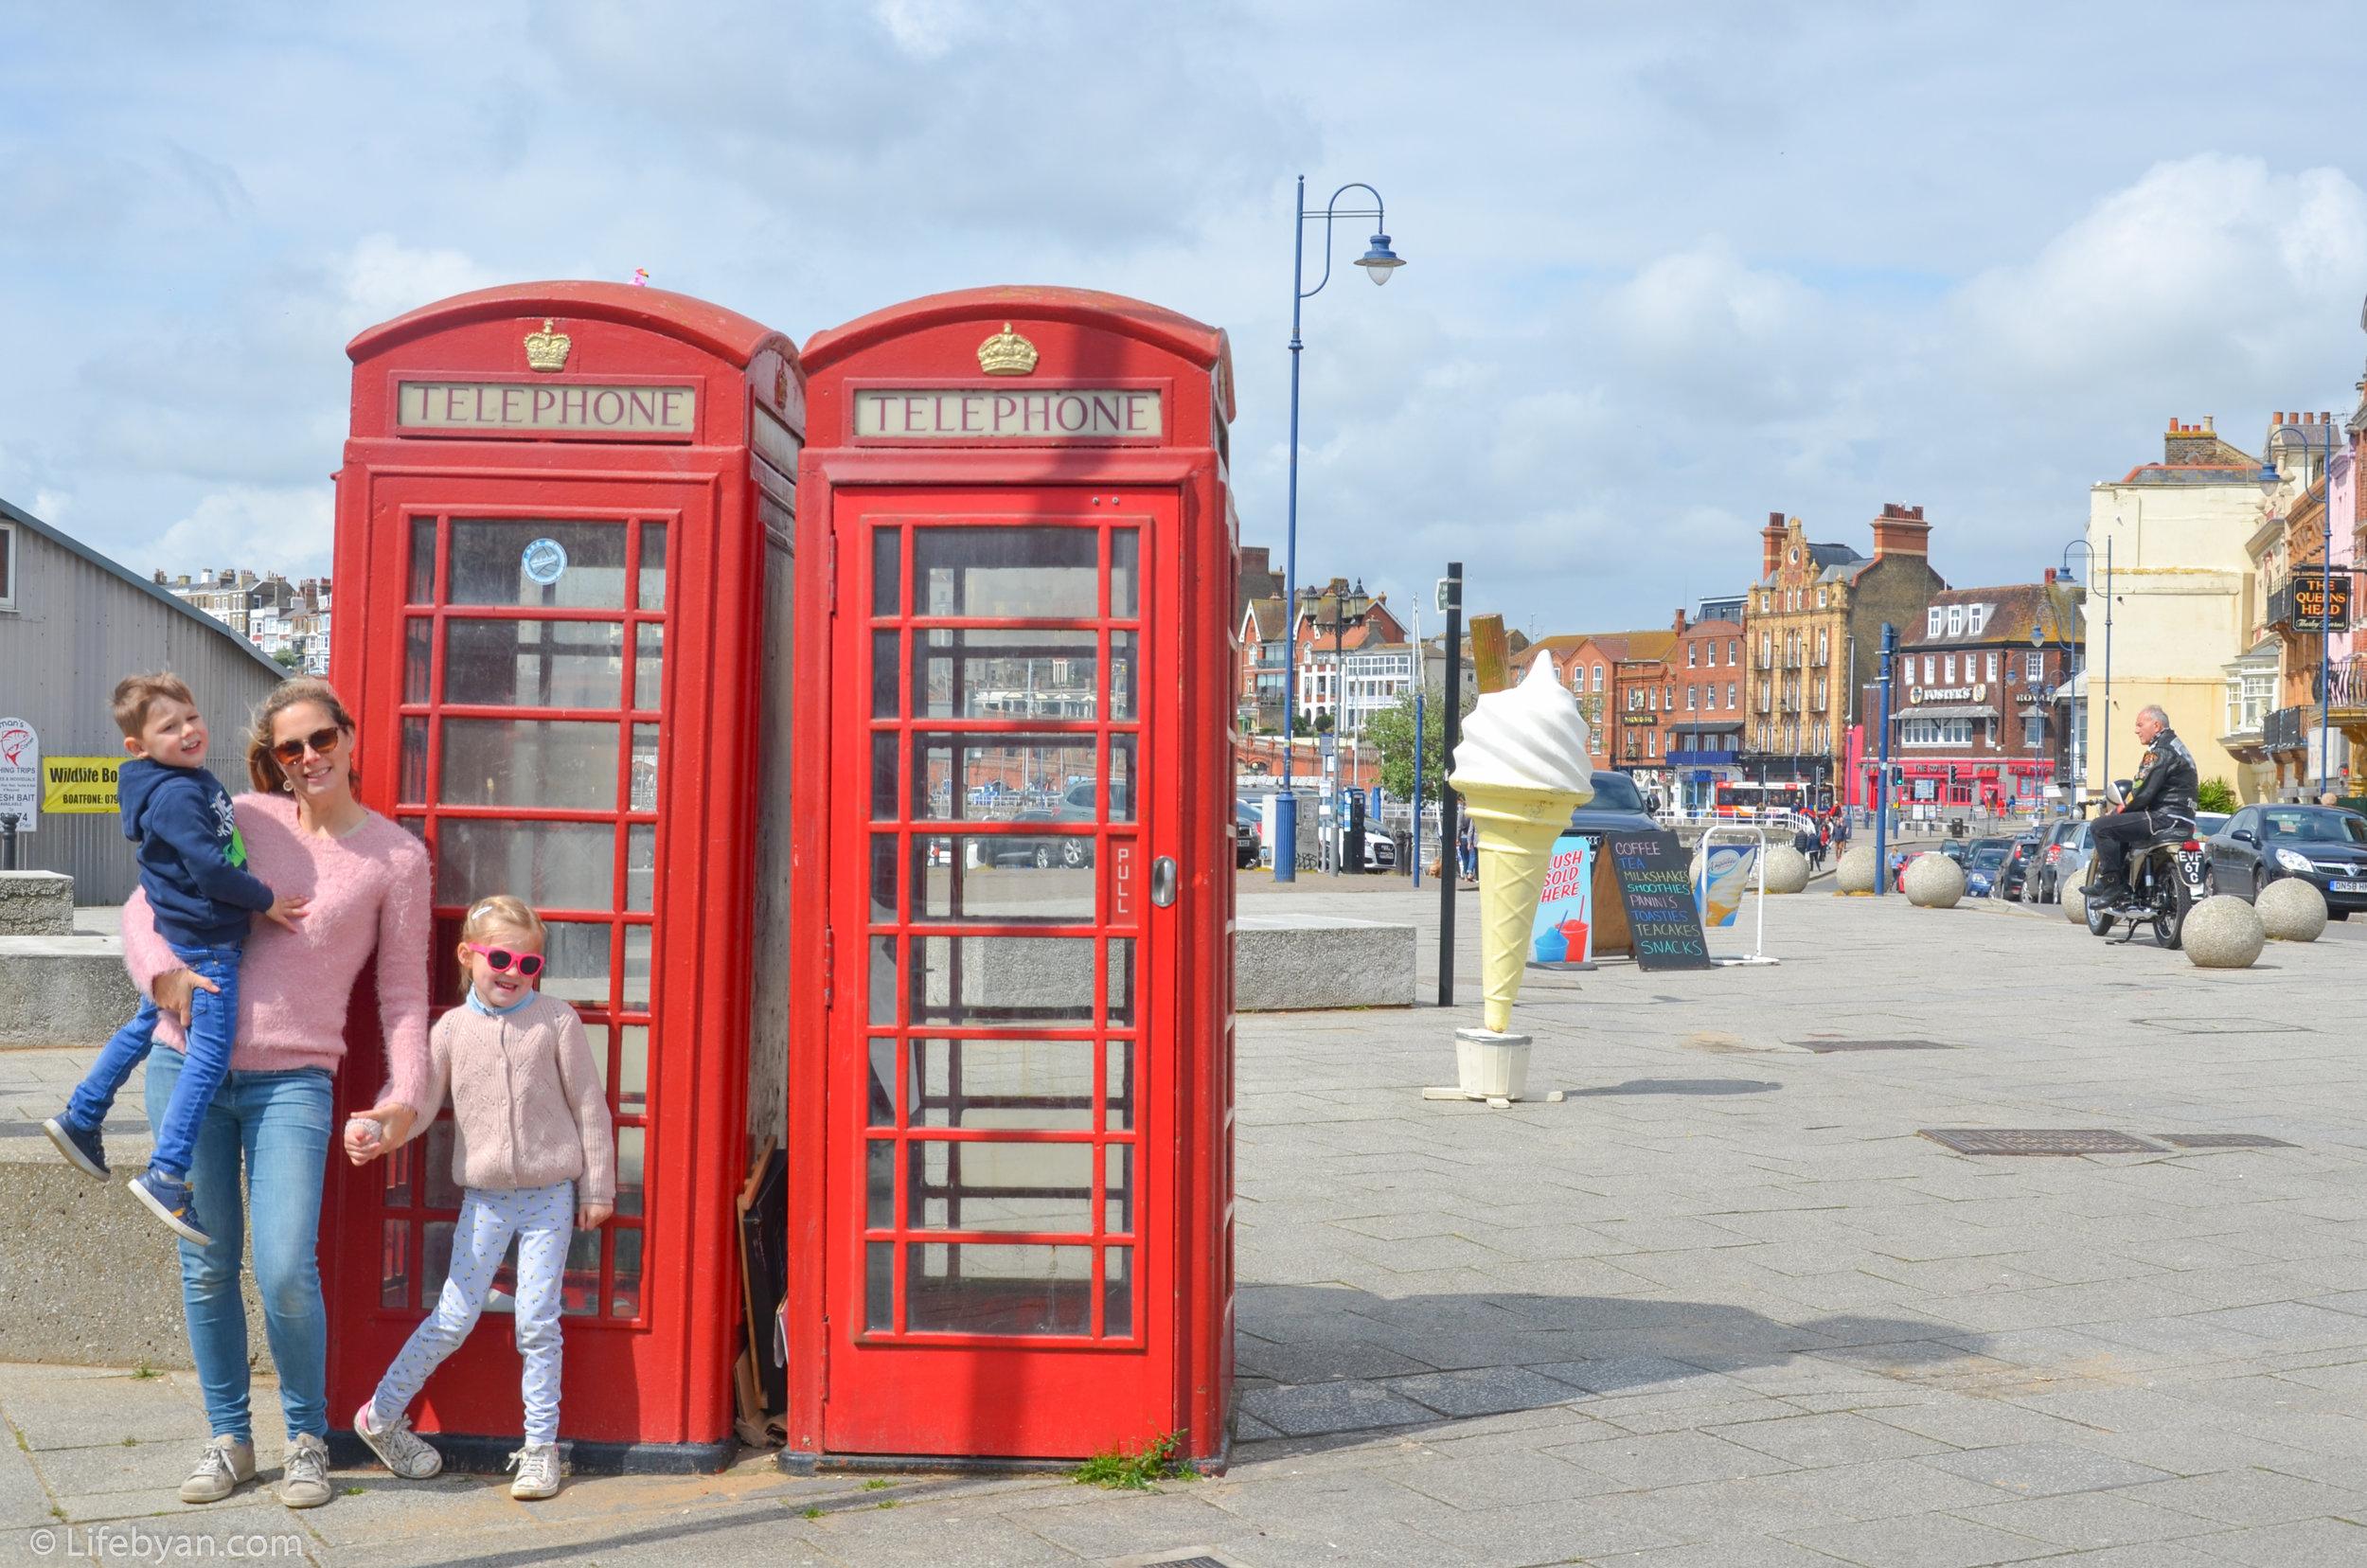 Op vakantie in Engeland? Ga dan voor een typische cliché foto met een rode telefooncel, een rode dubbeldekbus of een oud Engels autootje.